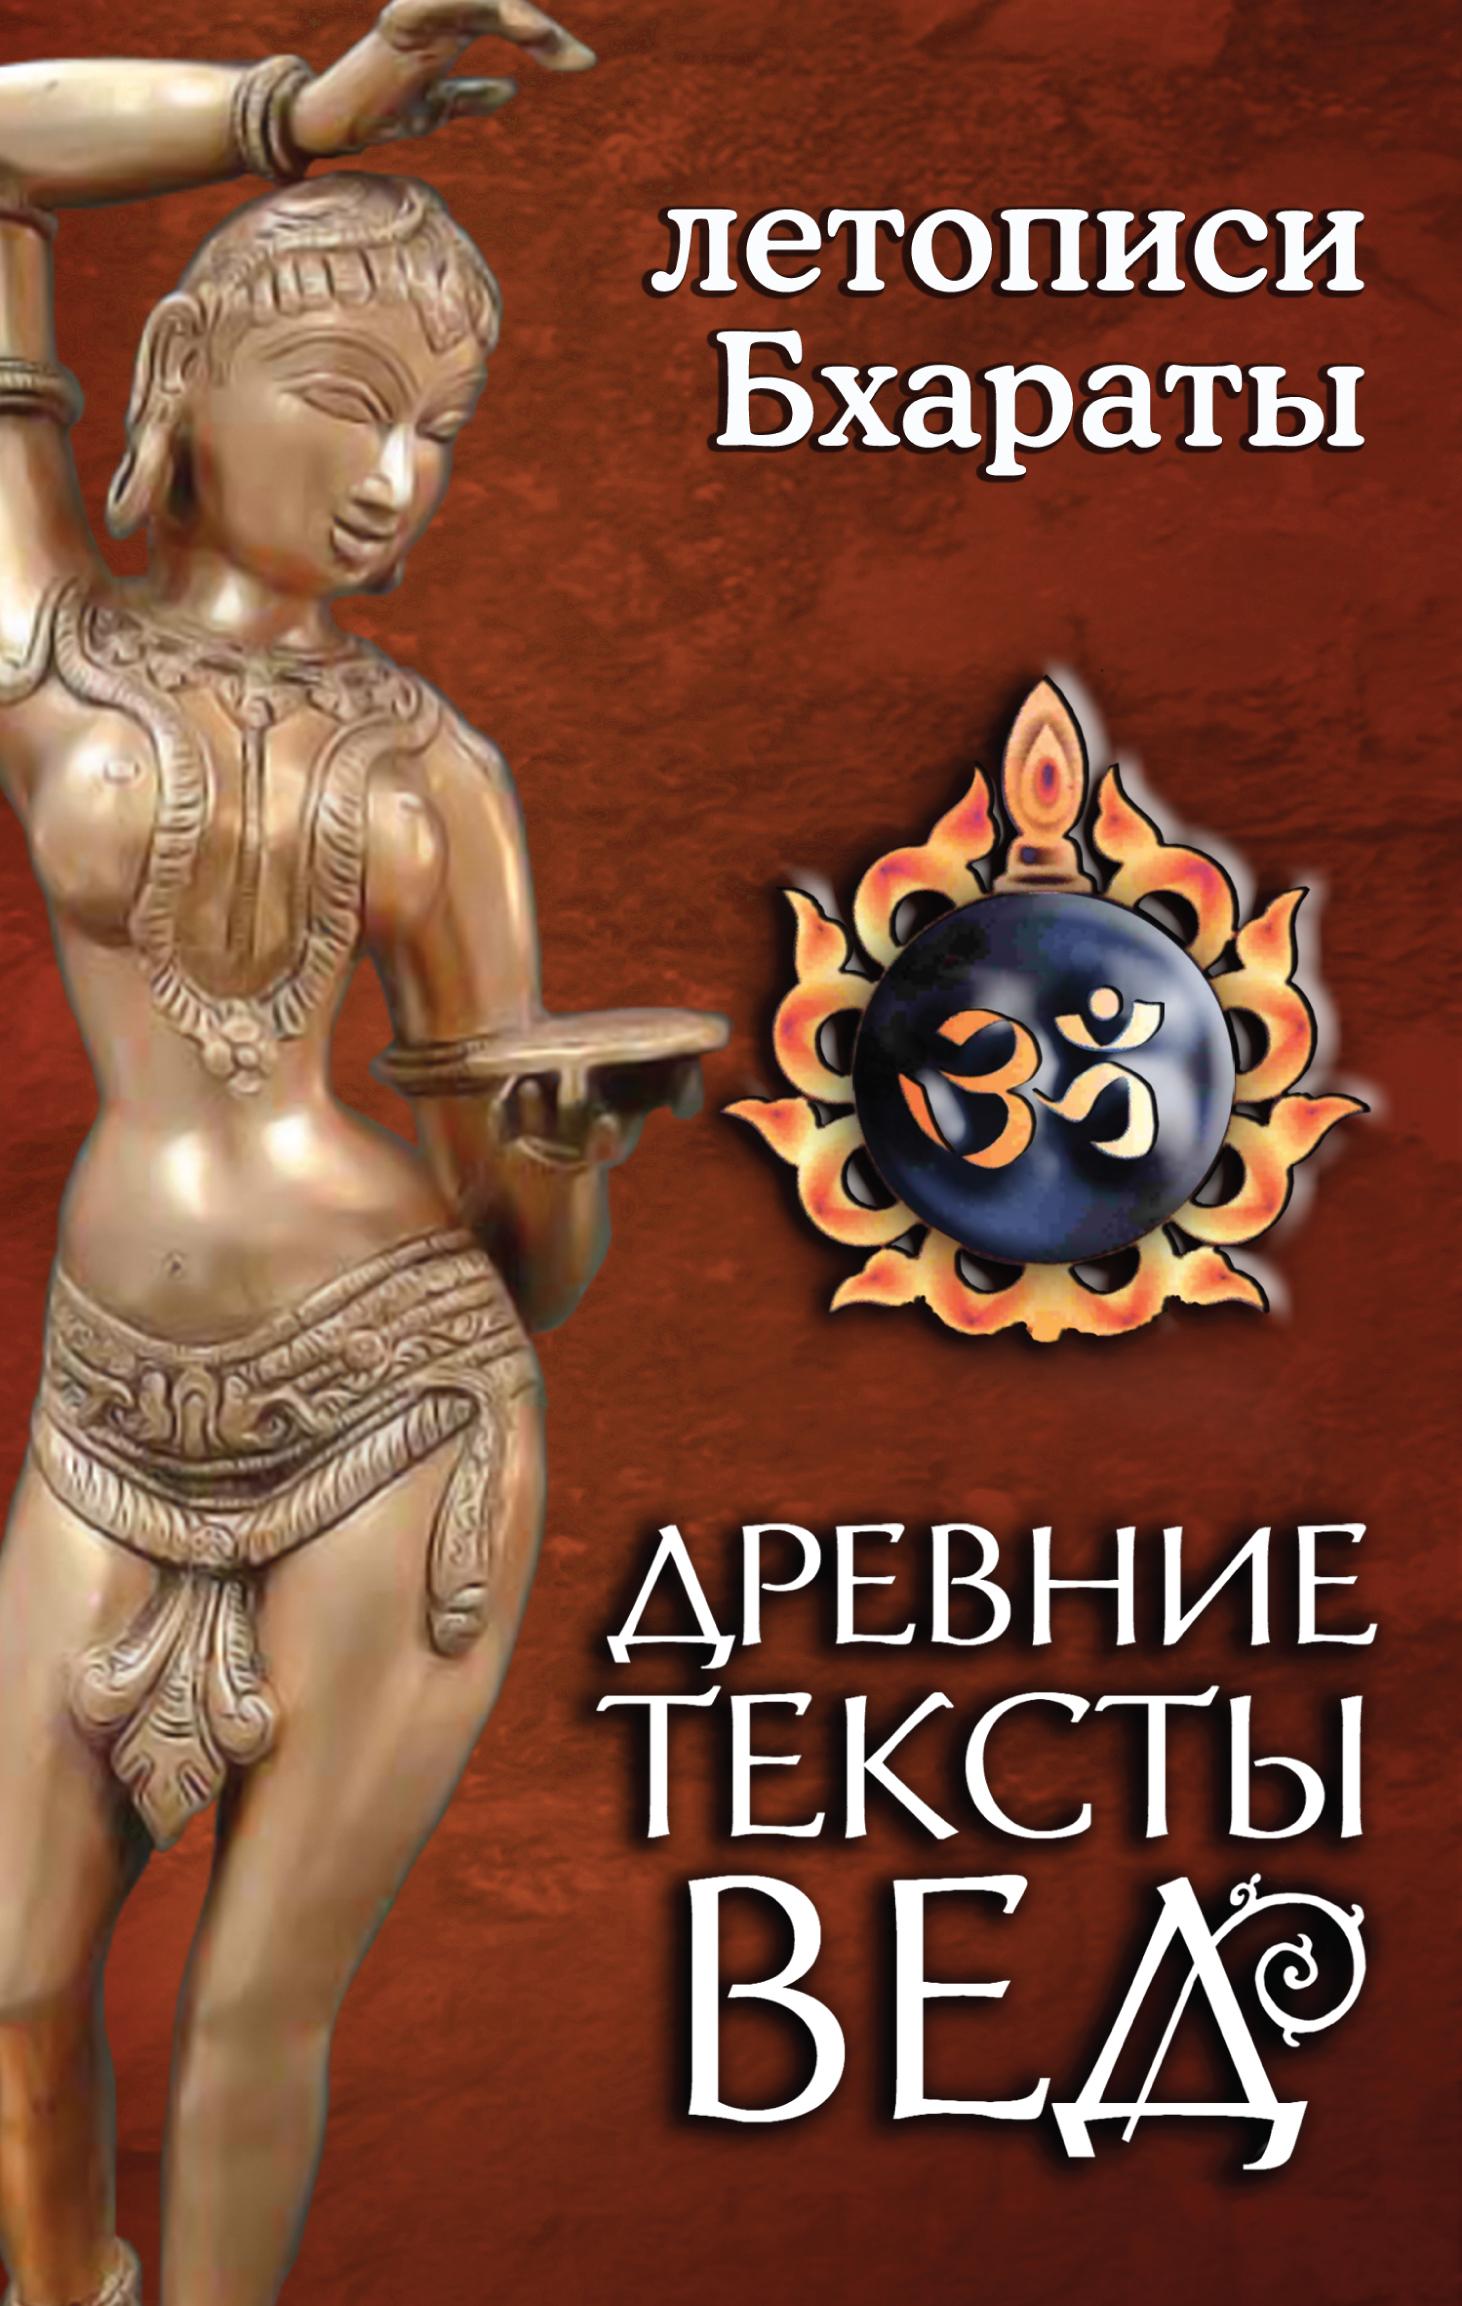 Древние тексты вед. Летописи Бхараты. 2-е издание